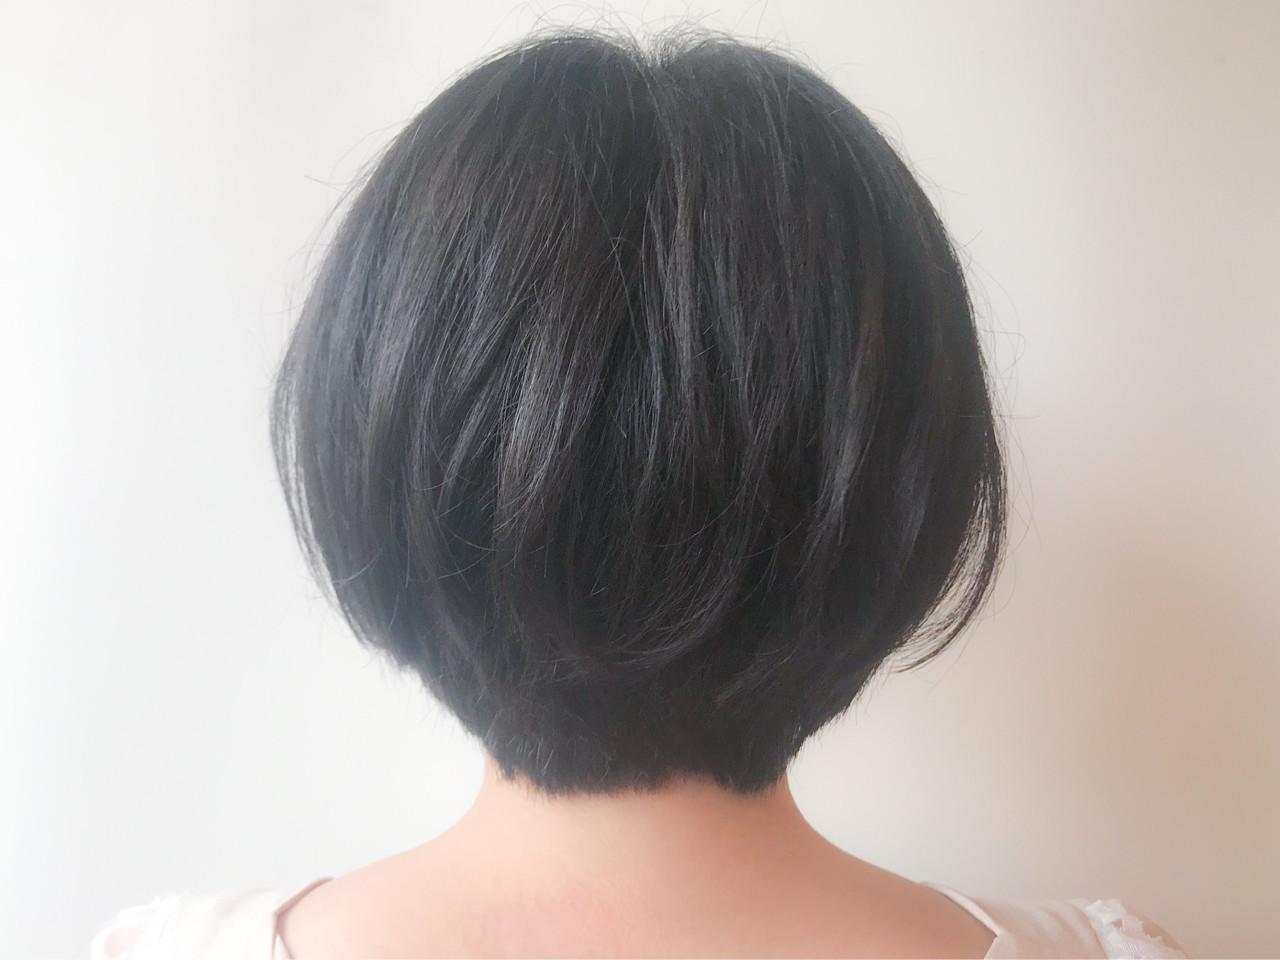 オフィス ショートボブ ゆるふわ 大人かわいい ヘアスタイルや髪型の写真・画像 | HIROKI / roijir / roijir